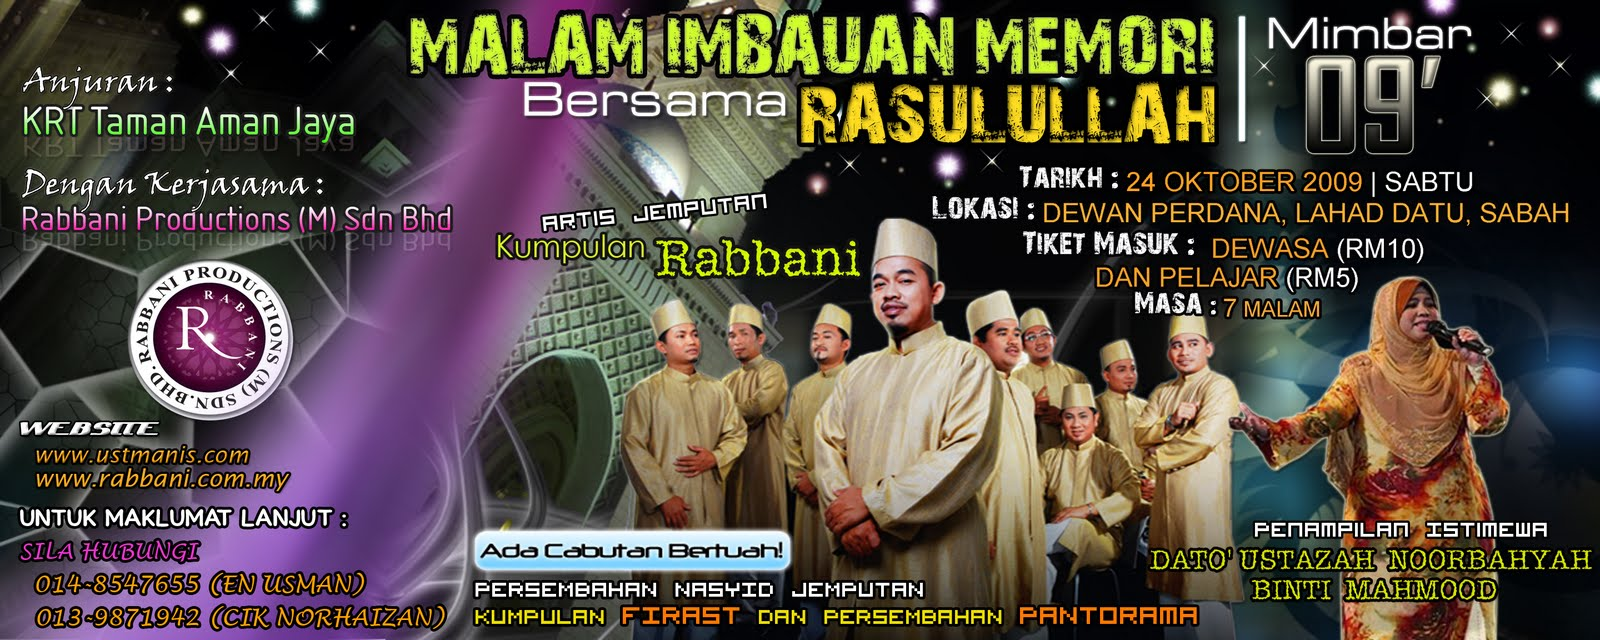 Konsert  Malam Imbauan Memori bersama Rasullullah